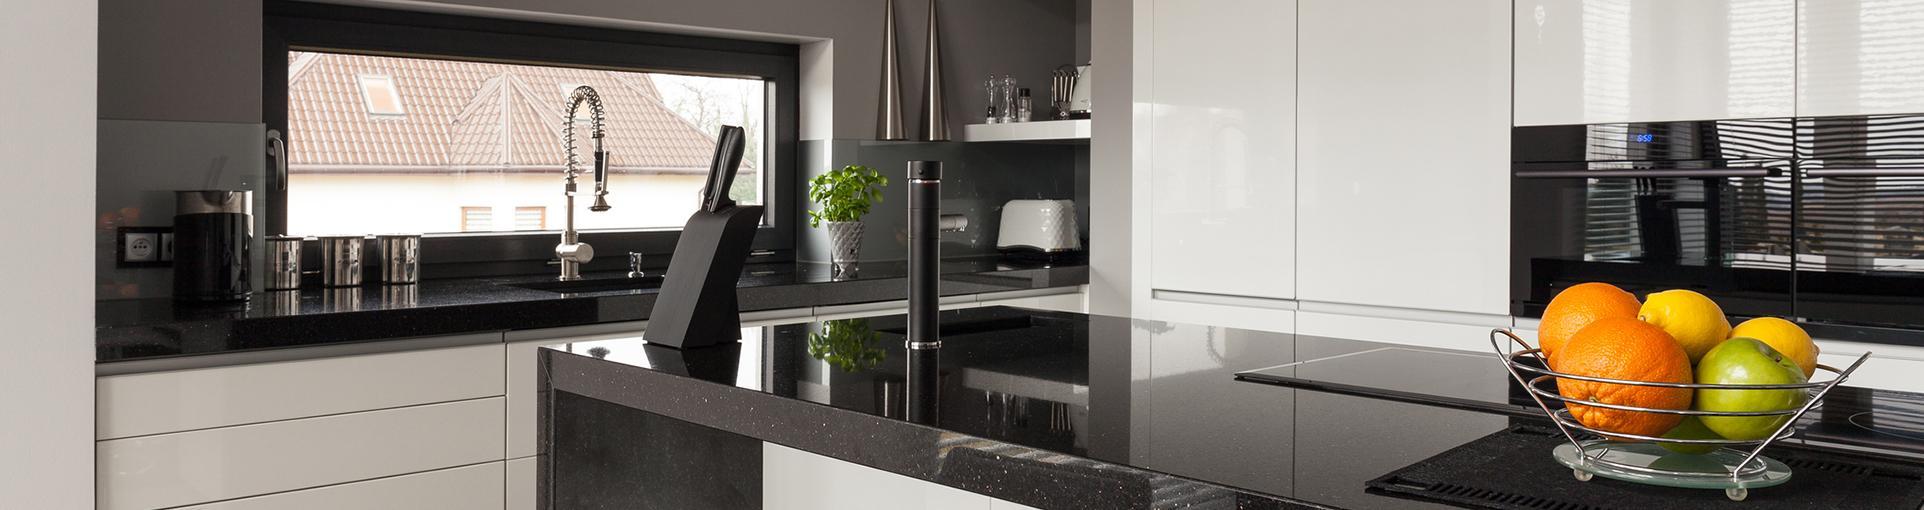 Kuchnia w kolorach czerni i bieli